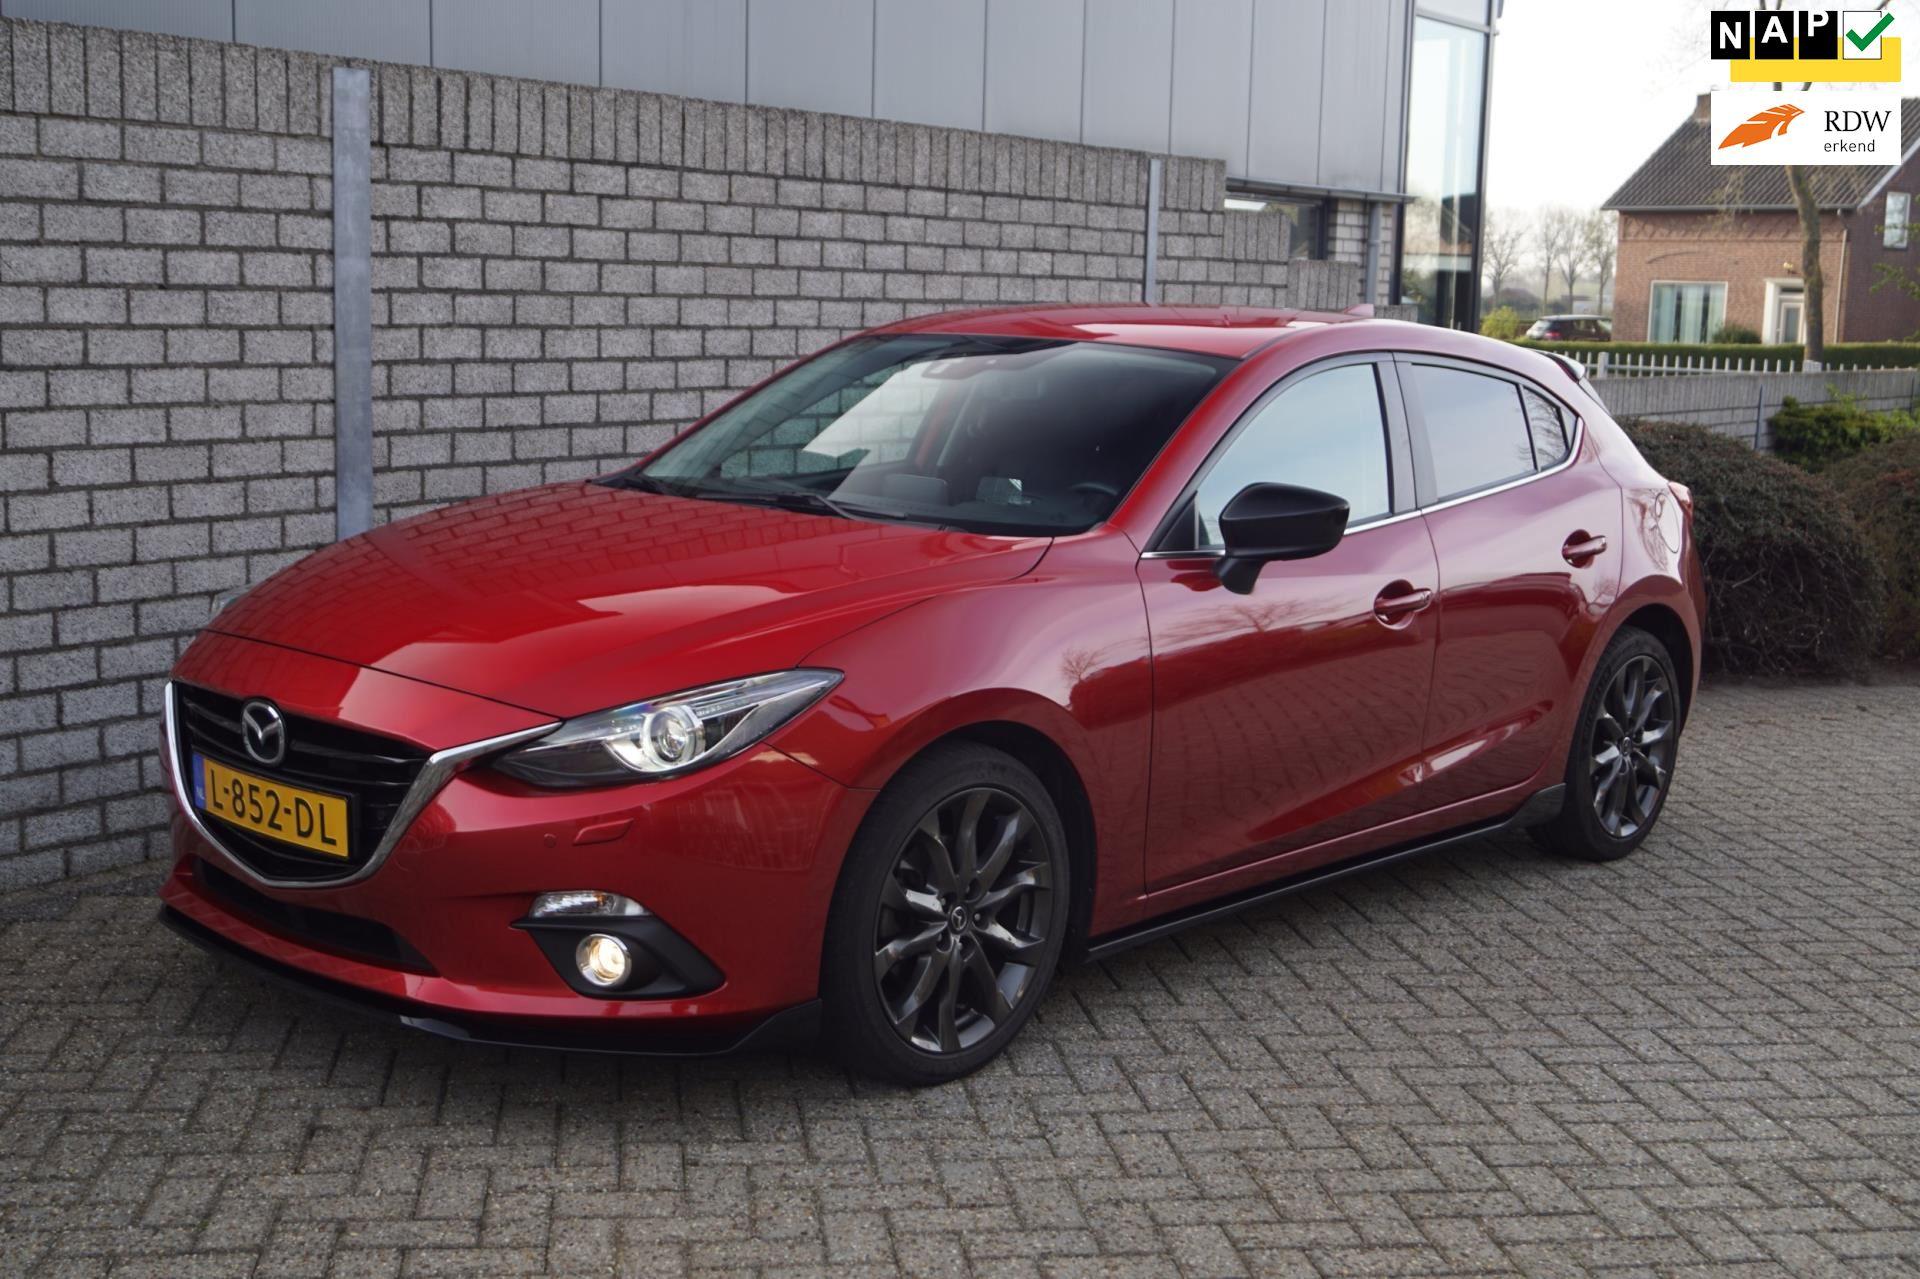 Mazda 3 occasion - Autobedrijf H. Wijdeven V.o.f.